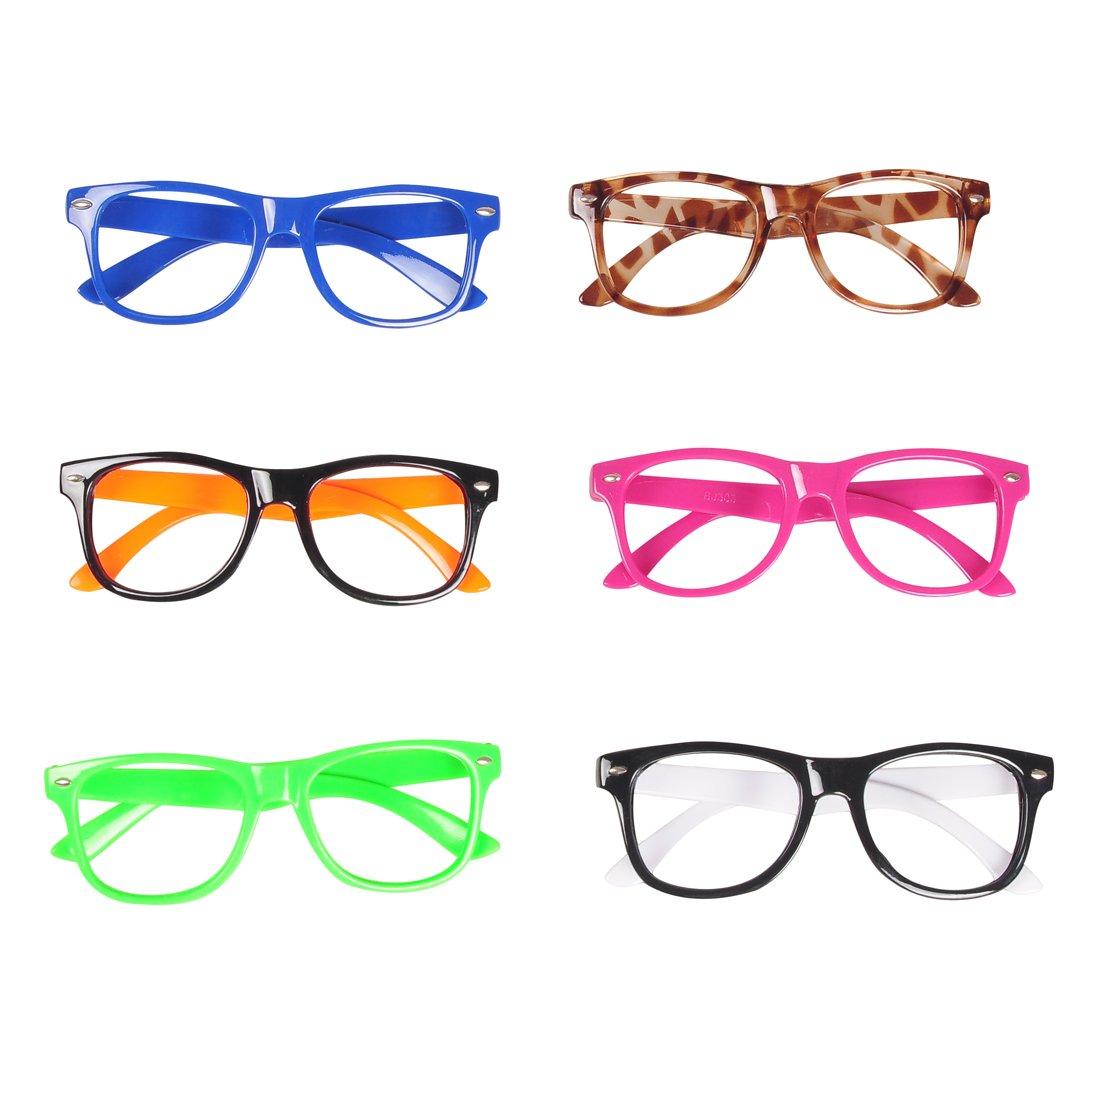 c35e8d21230 Amazon.com  Seekingtag Children Stylish Cute Glasses Frame Without Lenses